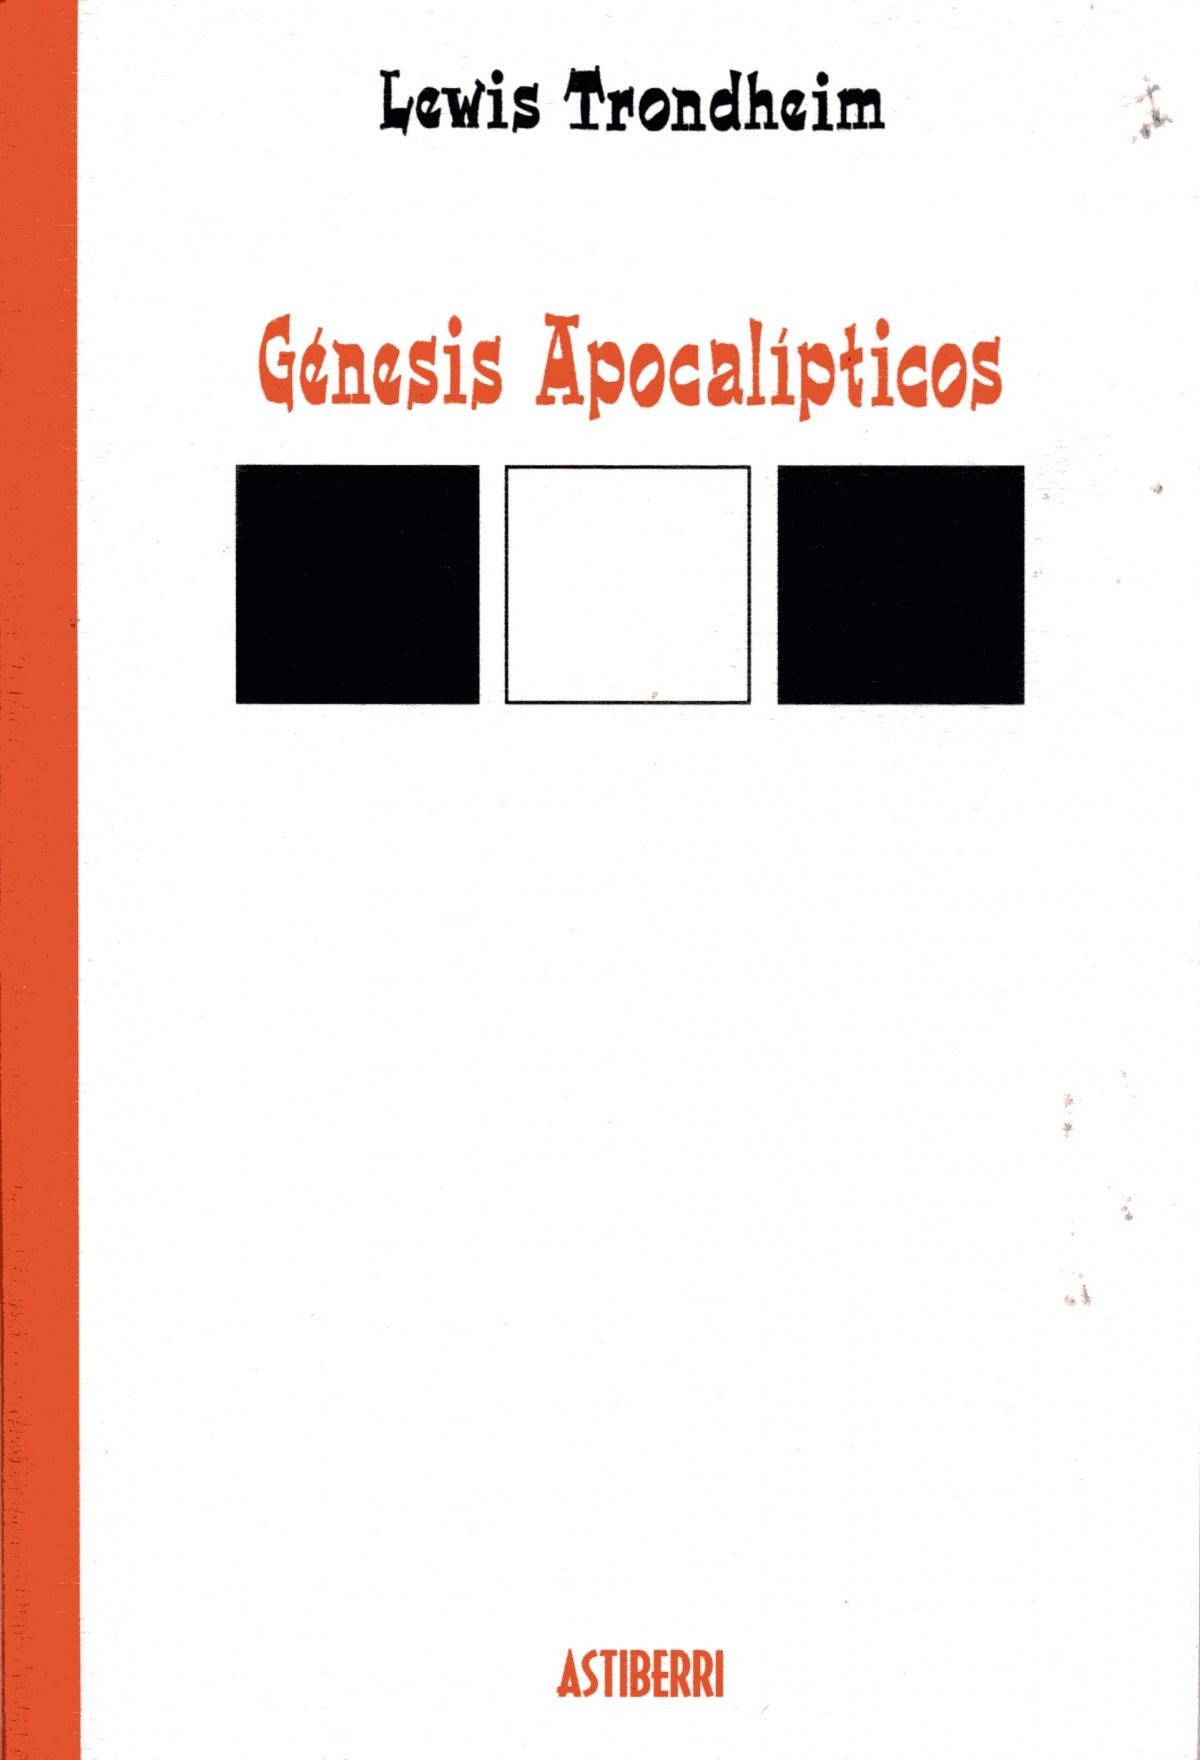 GENESIS APOCALIPTICOS